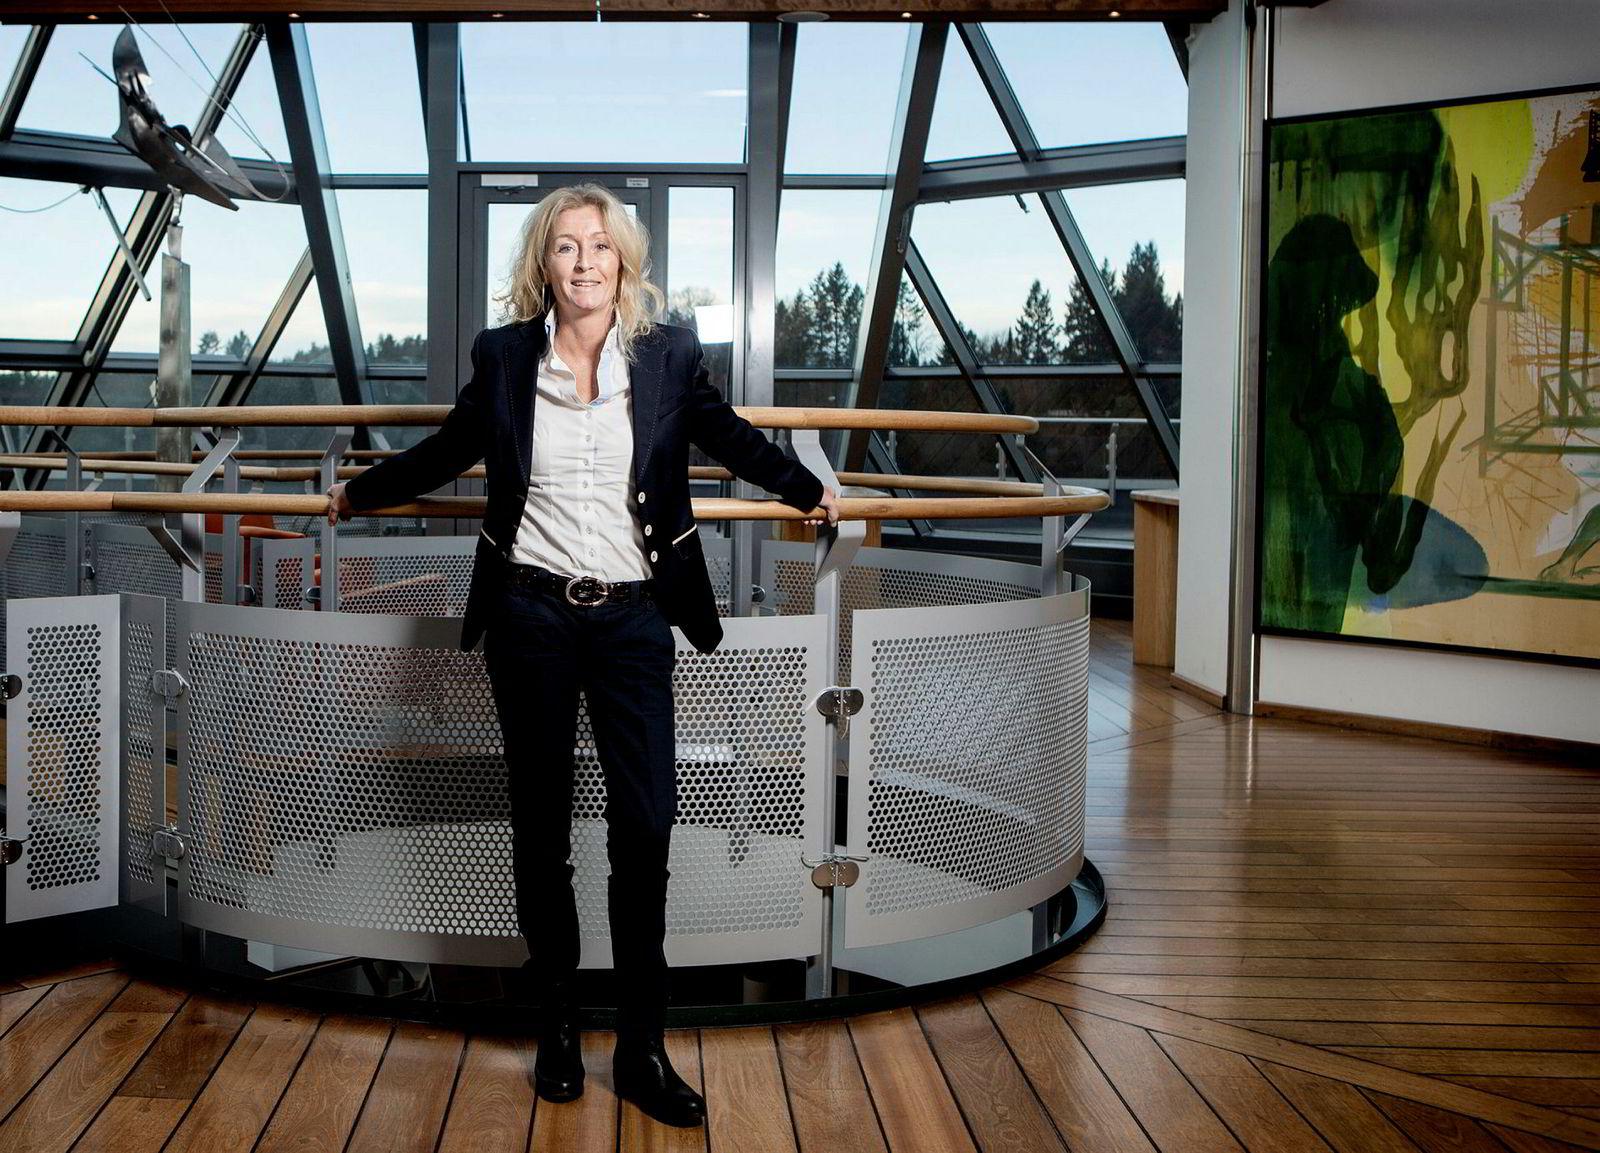 Det virker som mange unge sliter med å komme seg inn i Oslo-markedet, mener Grethe Meier, administrerende direktør i Privatmegleren. Hun forventer moderat vekst når fasiten for boligprisutviklingen i august legges frem neste uke.